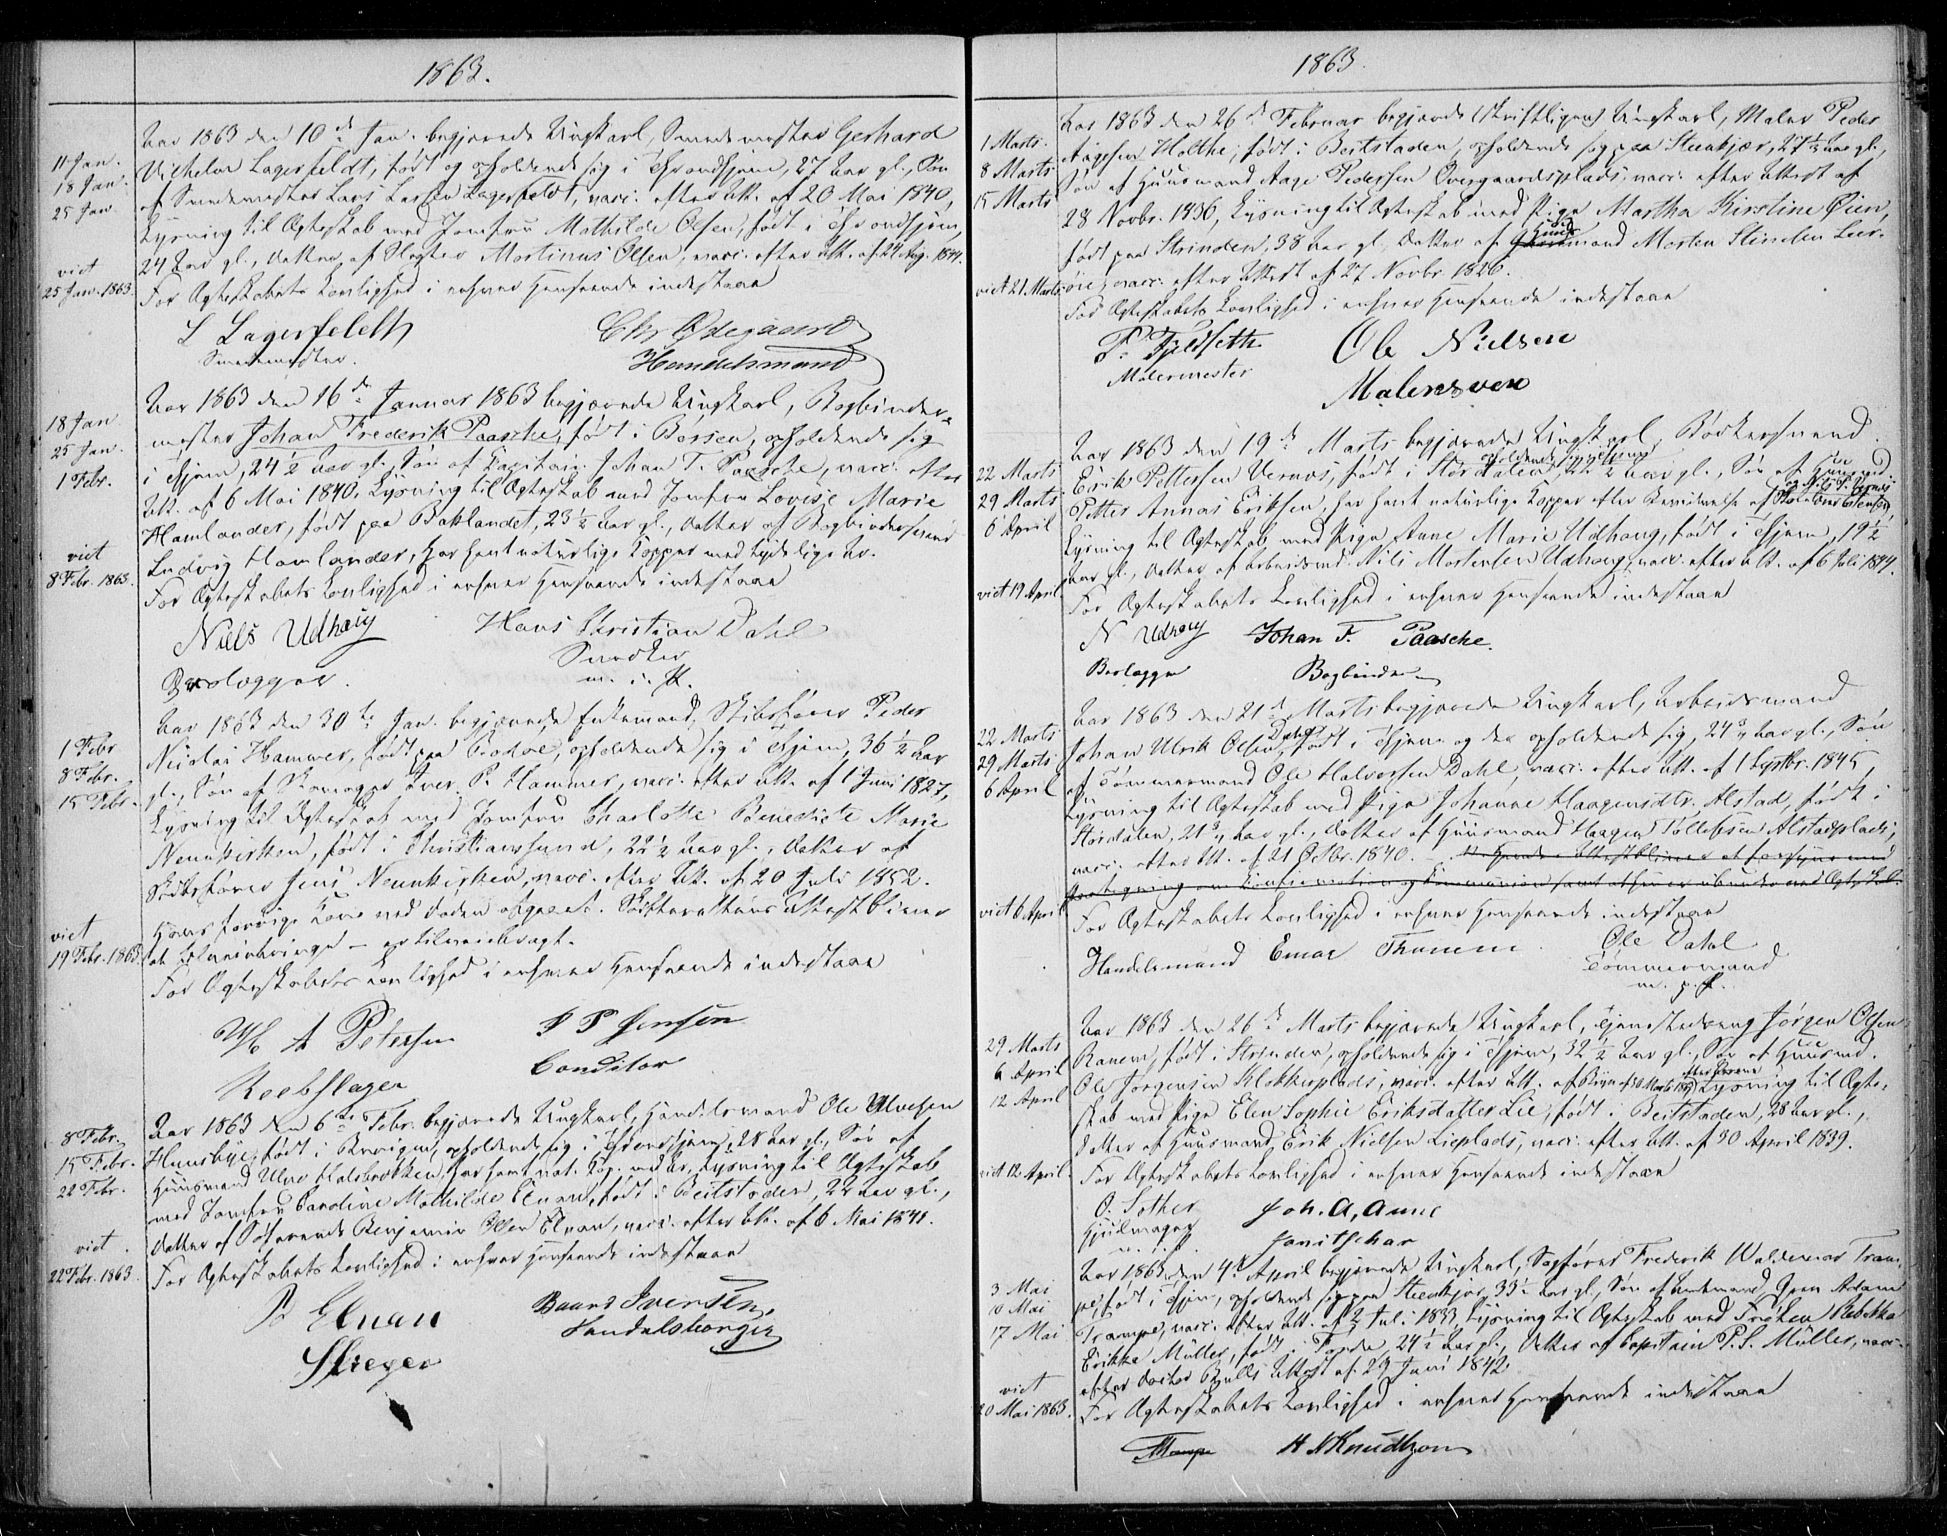 SAT, Ministerialprotokoller, klokkerbøker og fødselsregistre - Sør-Trøndelag, 601/L0052: Ministerialbok nr. 601A20, 1852-1866